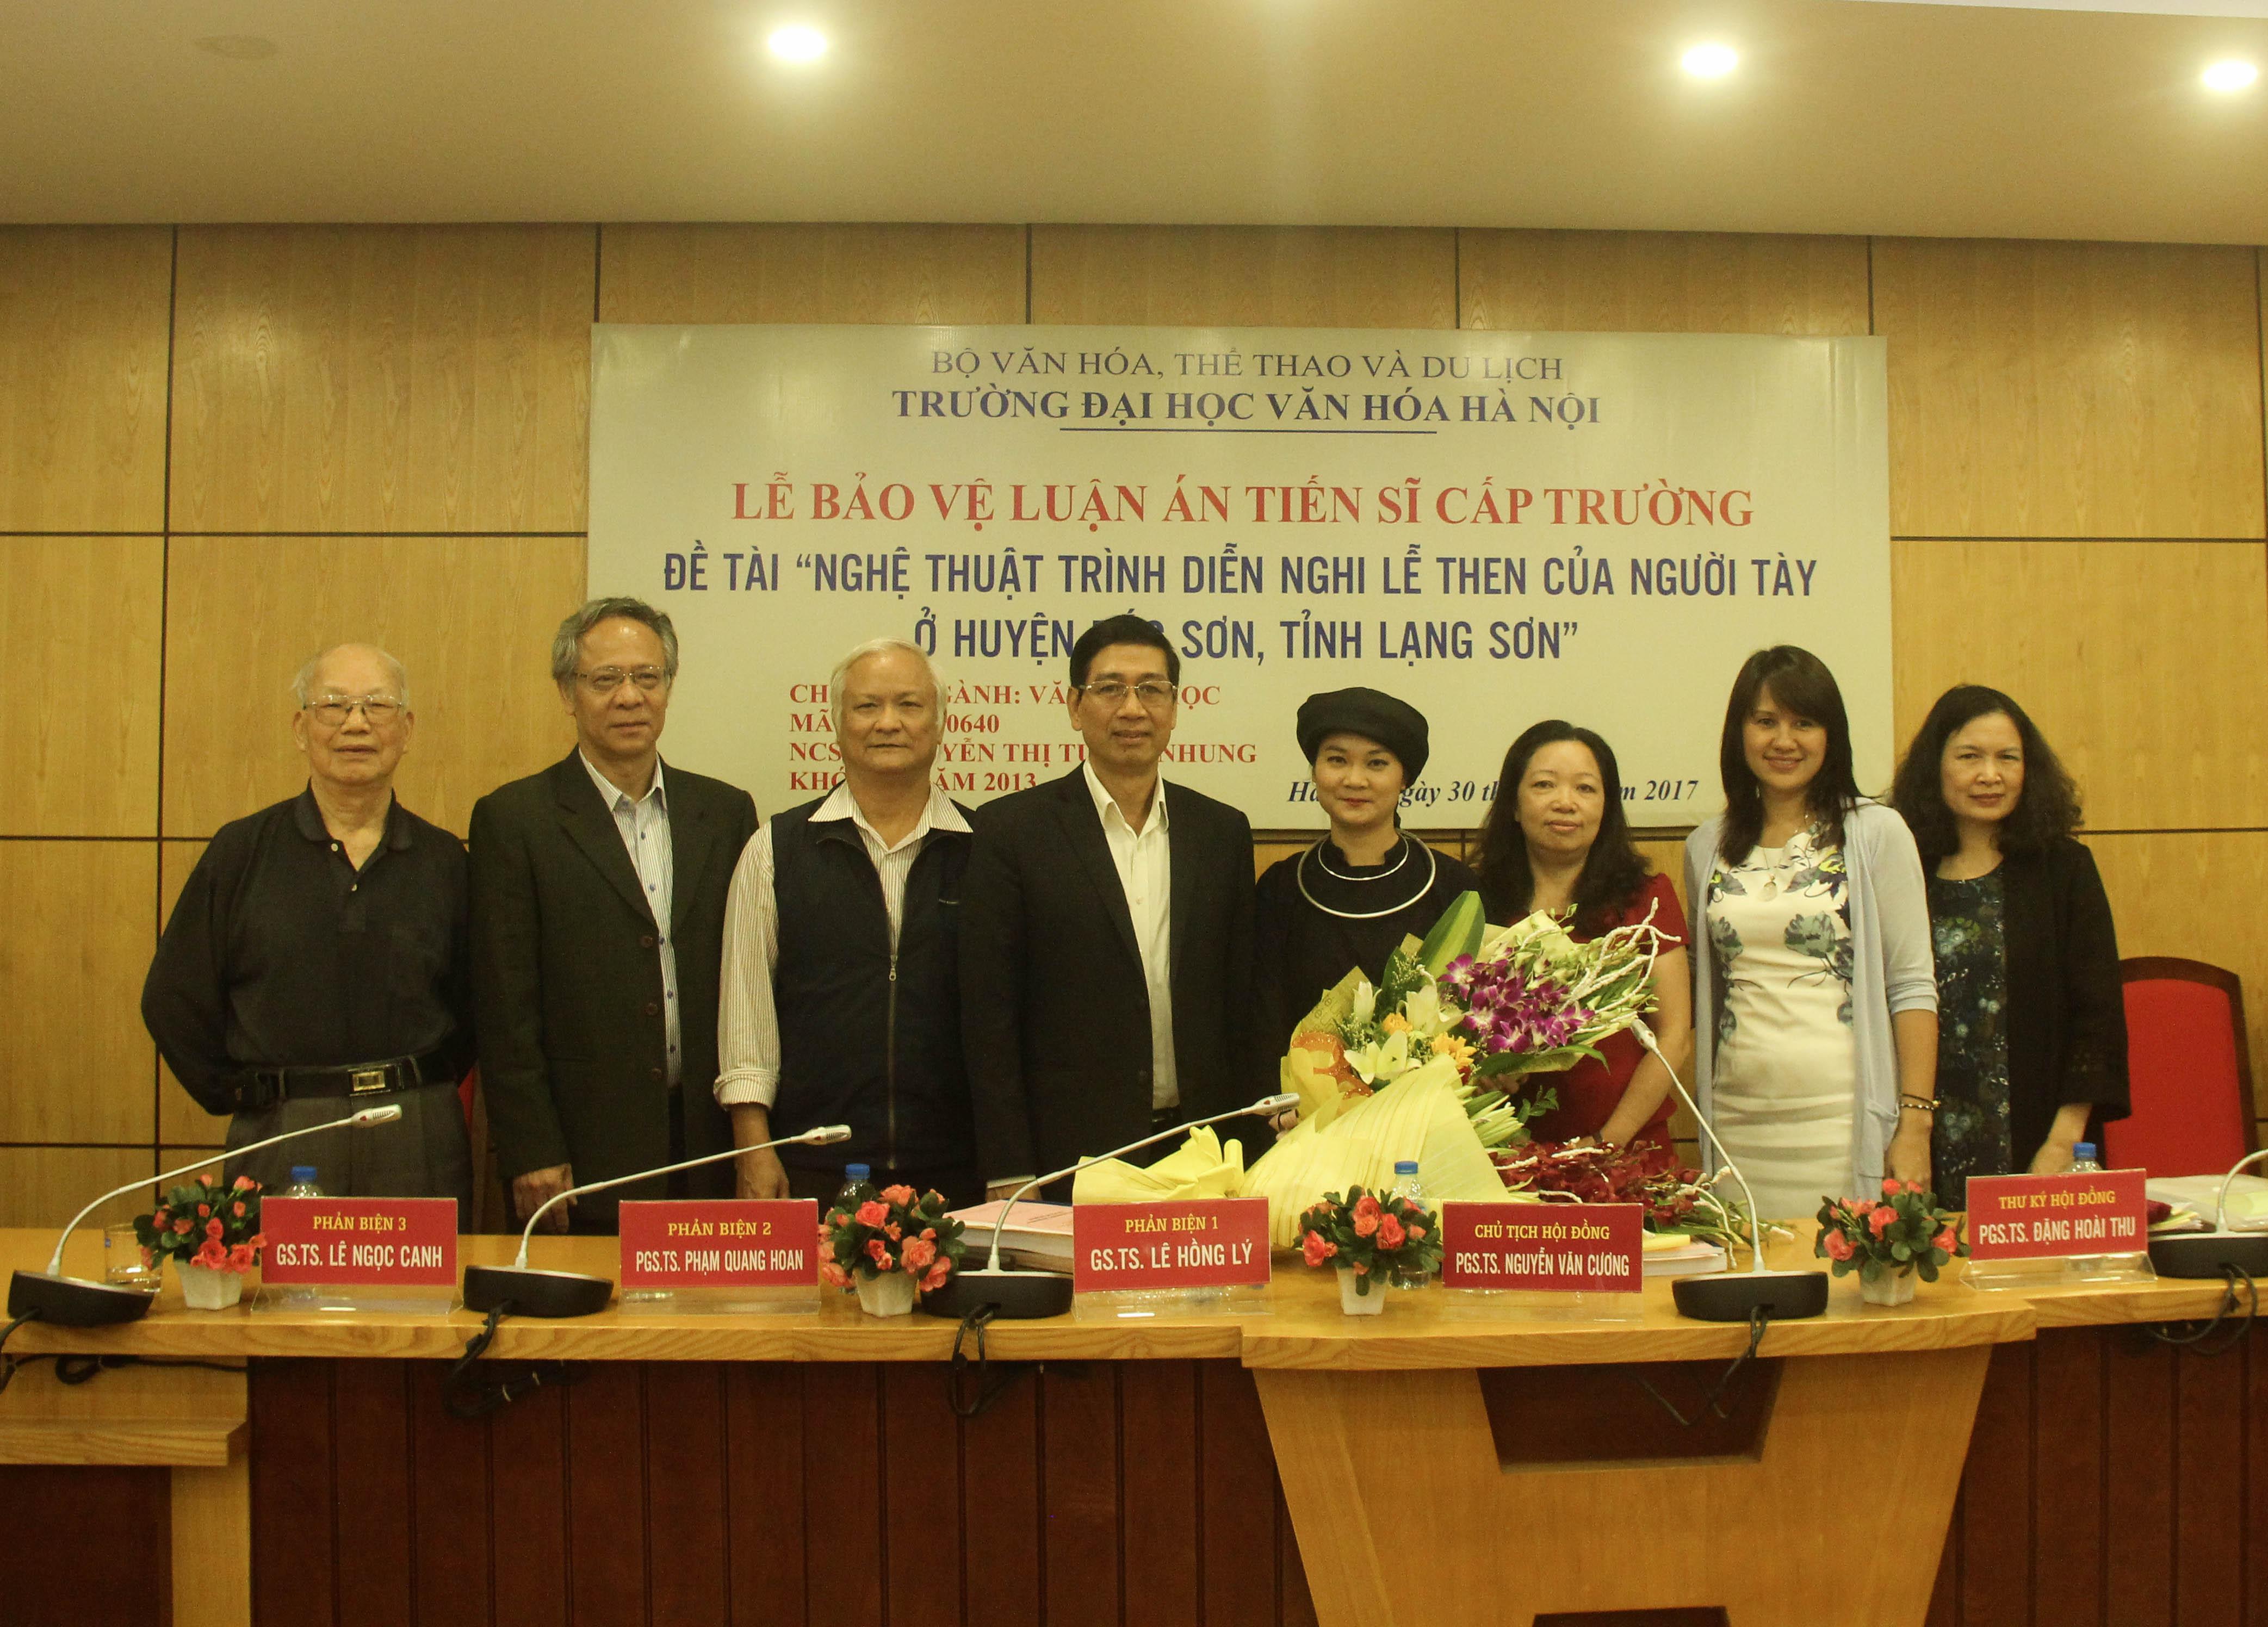 Lễ bảo vệ Luận án của NCS Nguyễn Thị Tuyết Nhung